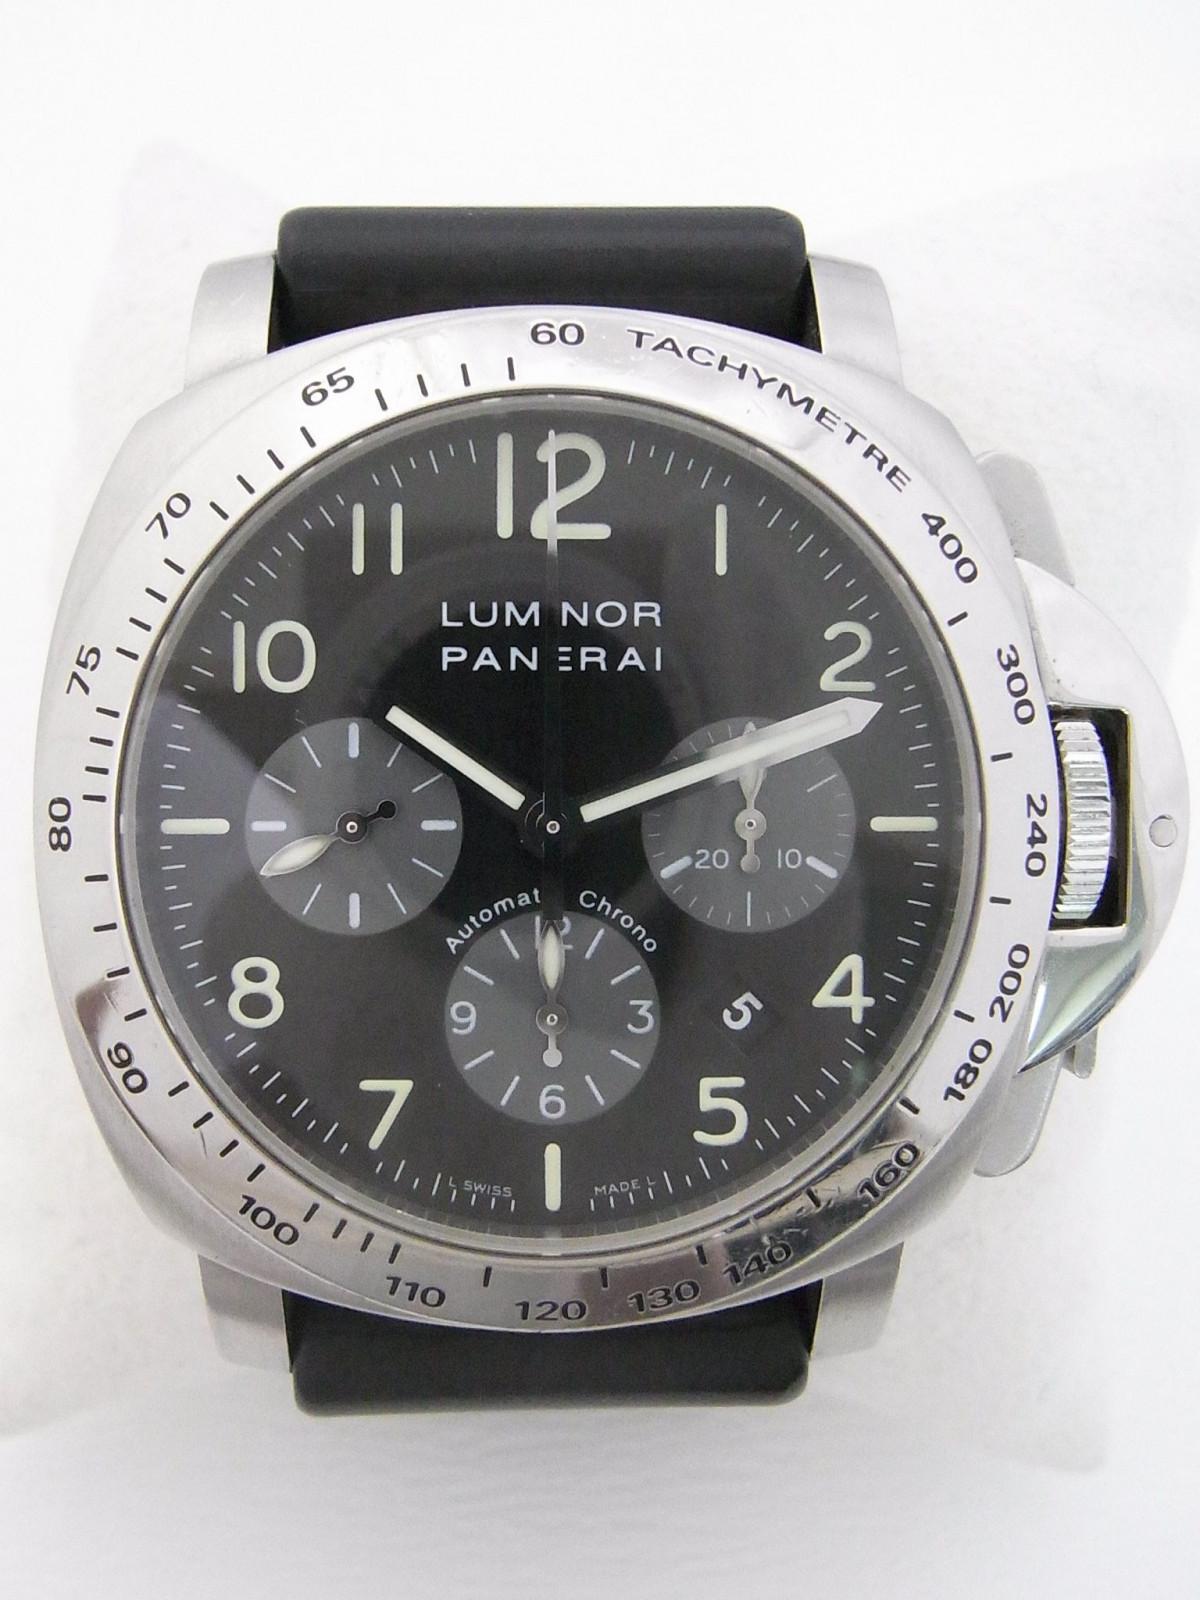 cc1173eca83 Panerai Luminor chrono PAM00162 relógio usados (€1